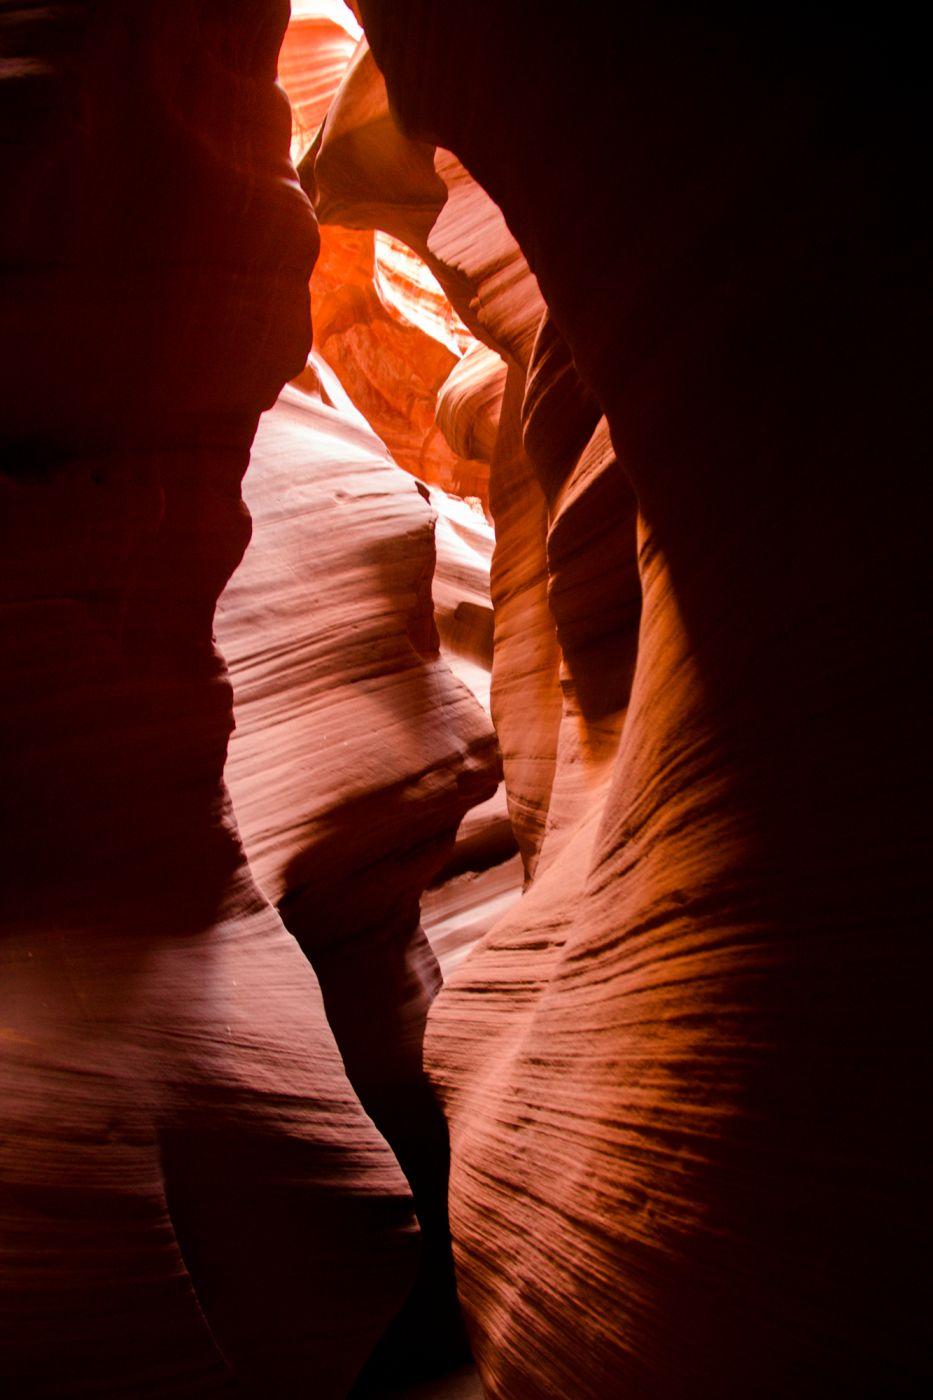 Slot Canyons, USA